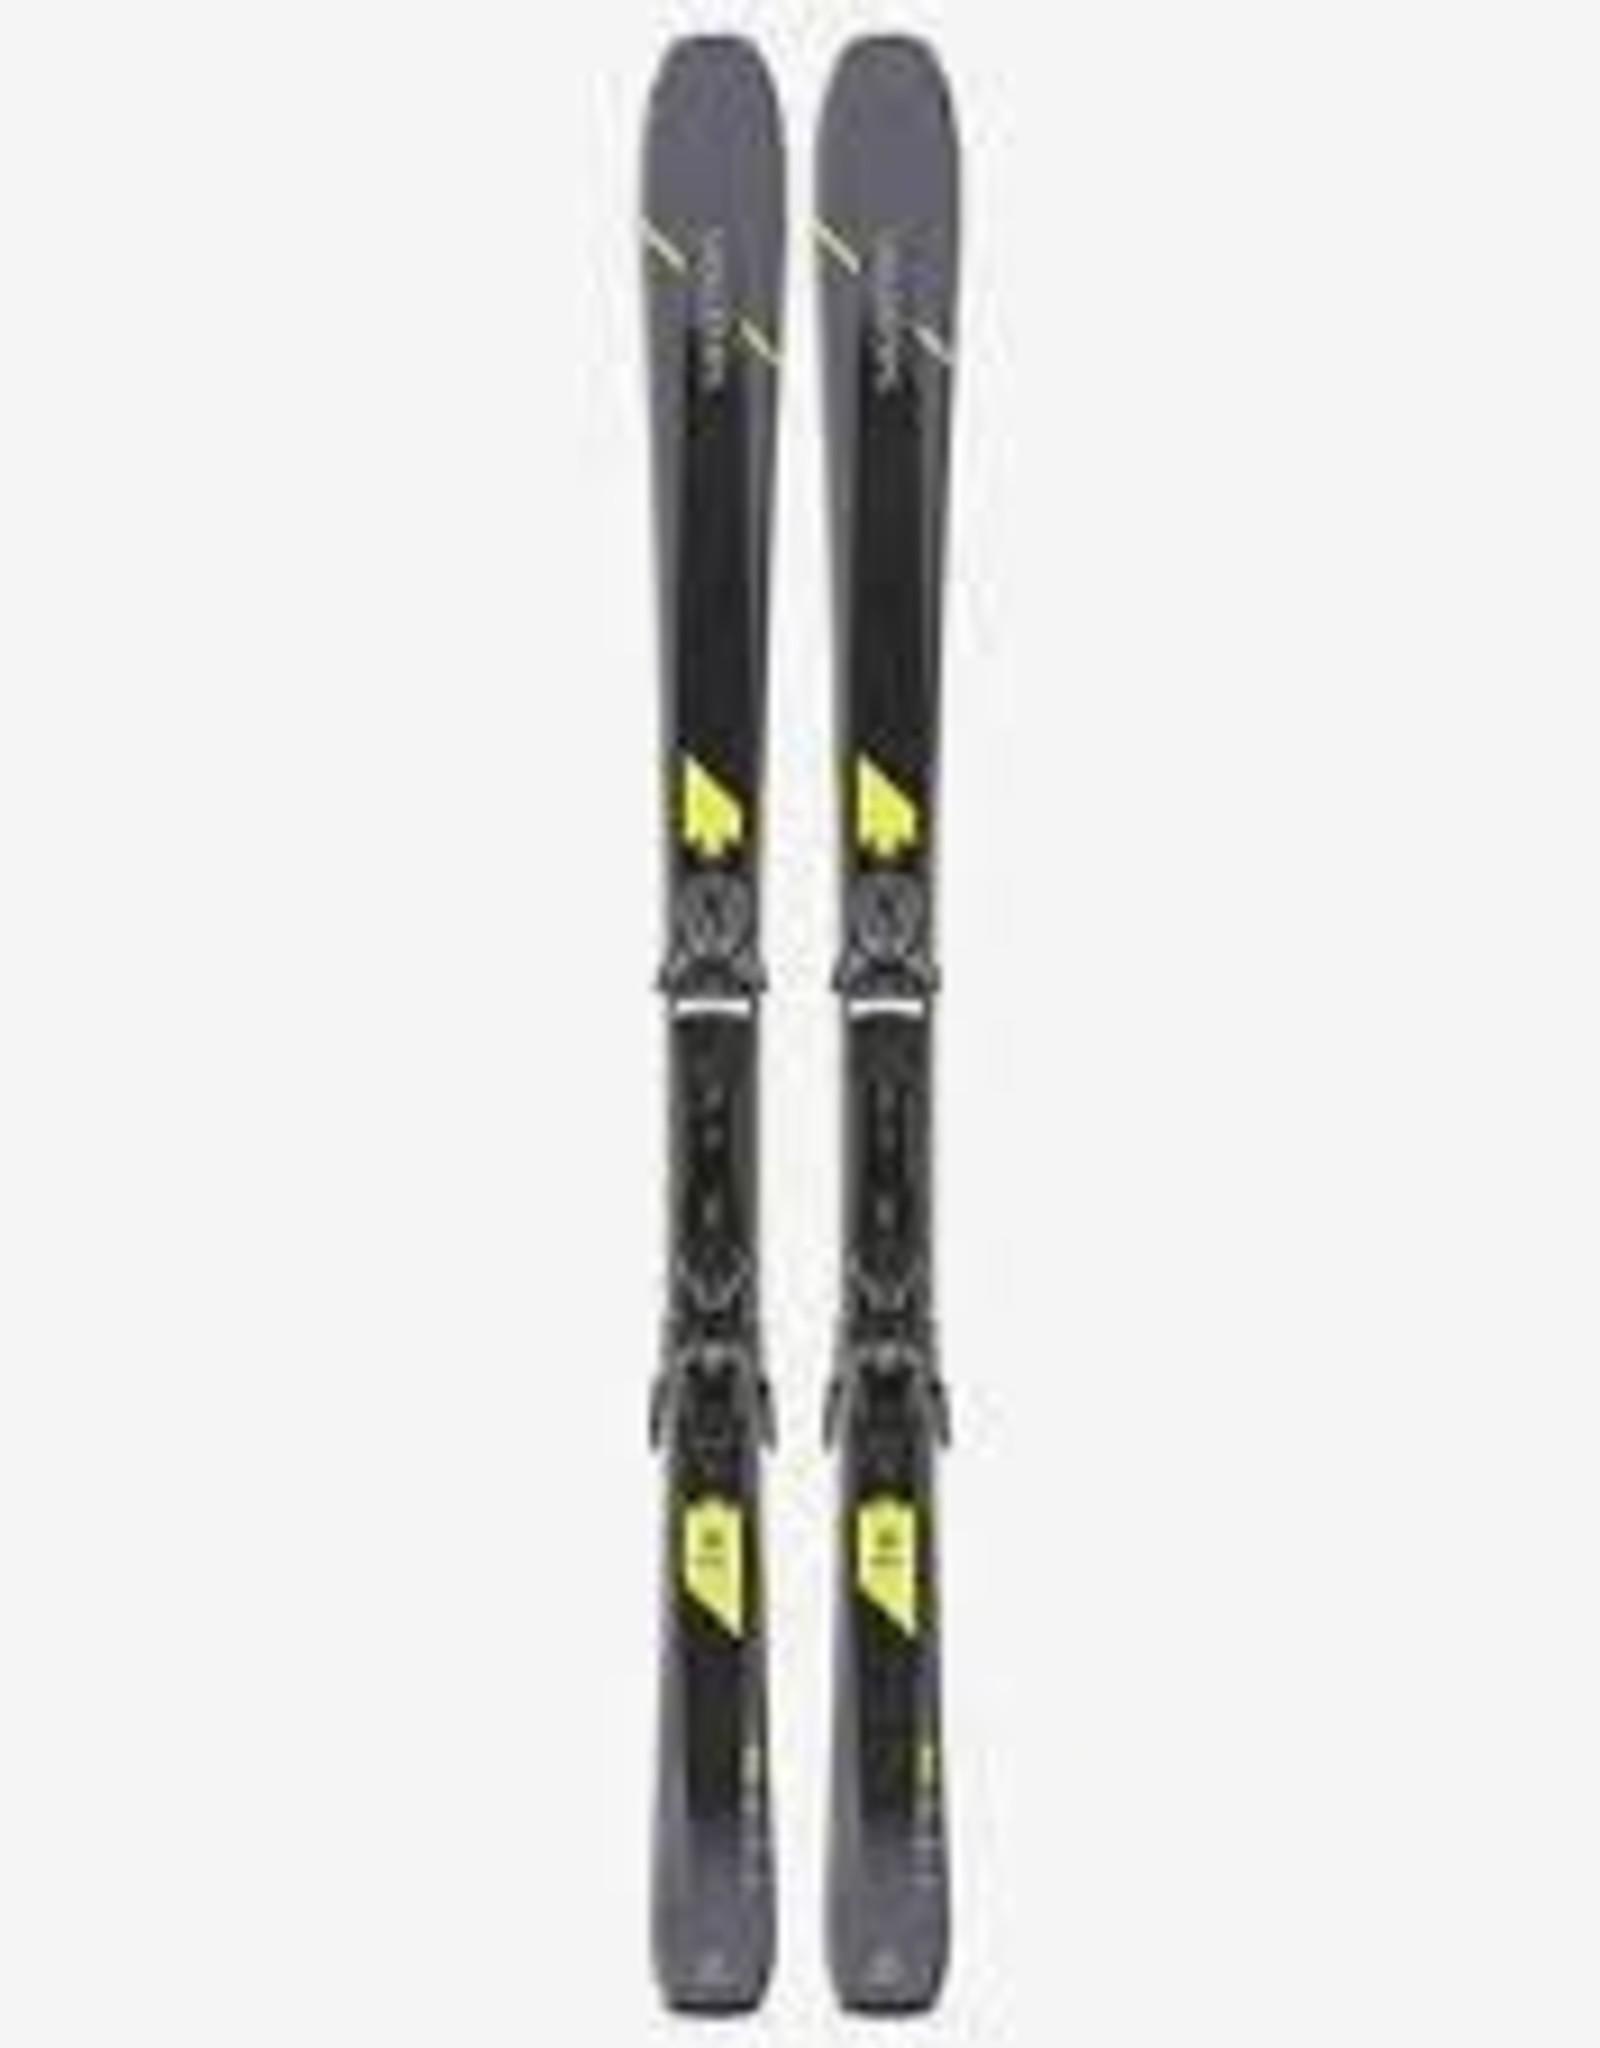 SALOMON Salomon XDR 80 Ski + Binding Z10 GW L80 Grey/Black/Yellow